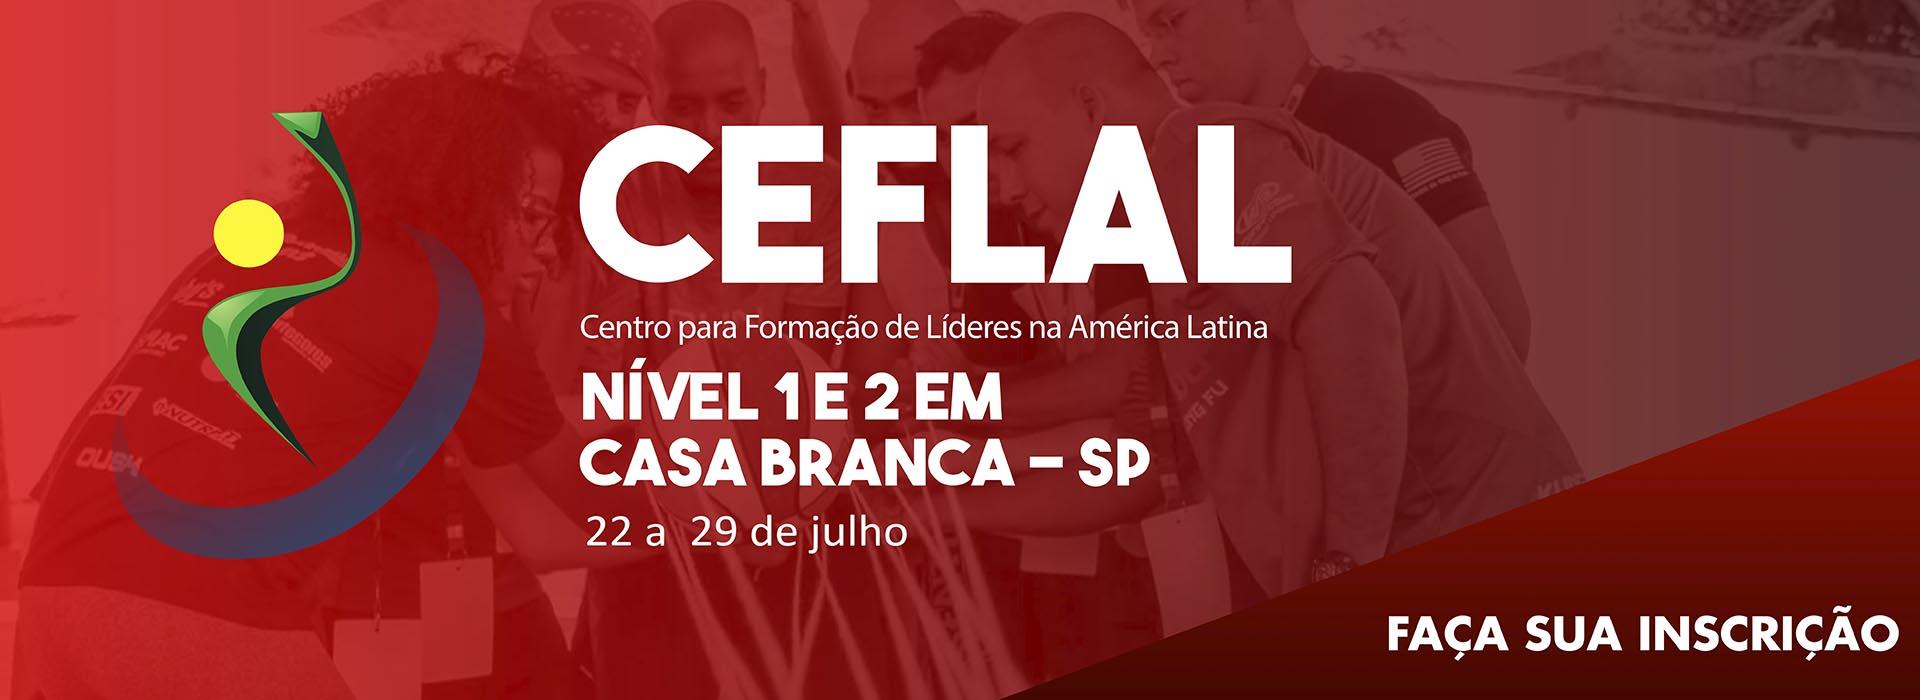 Ceflal em Casa Branca - São Paulo